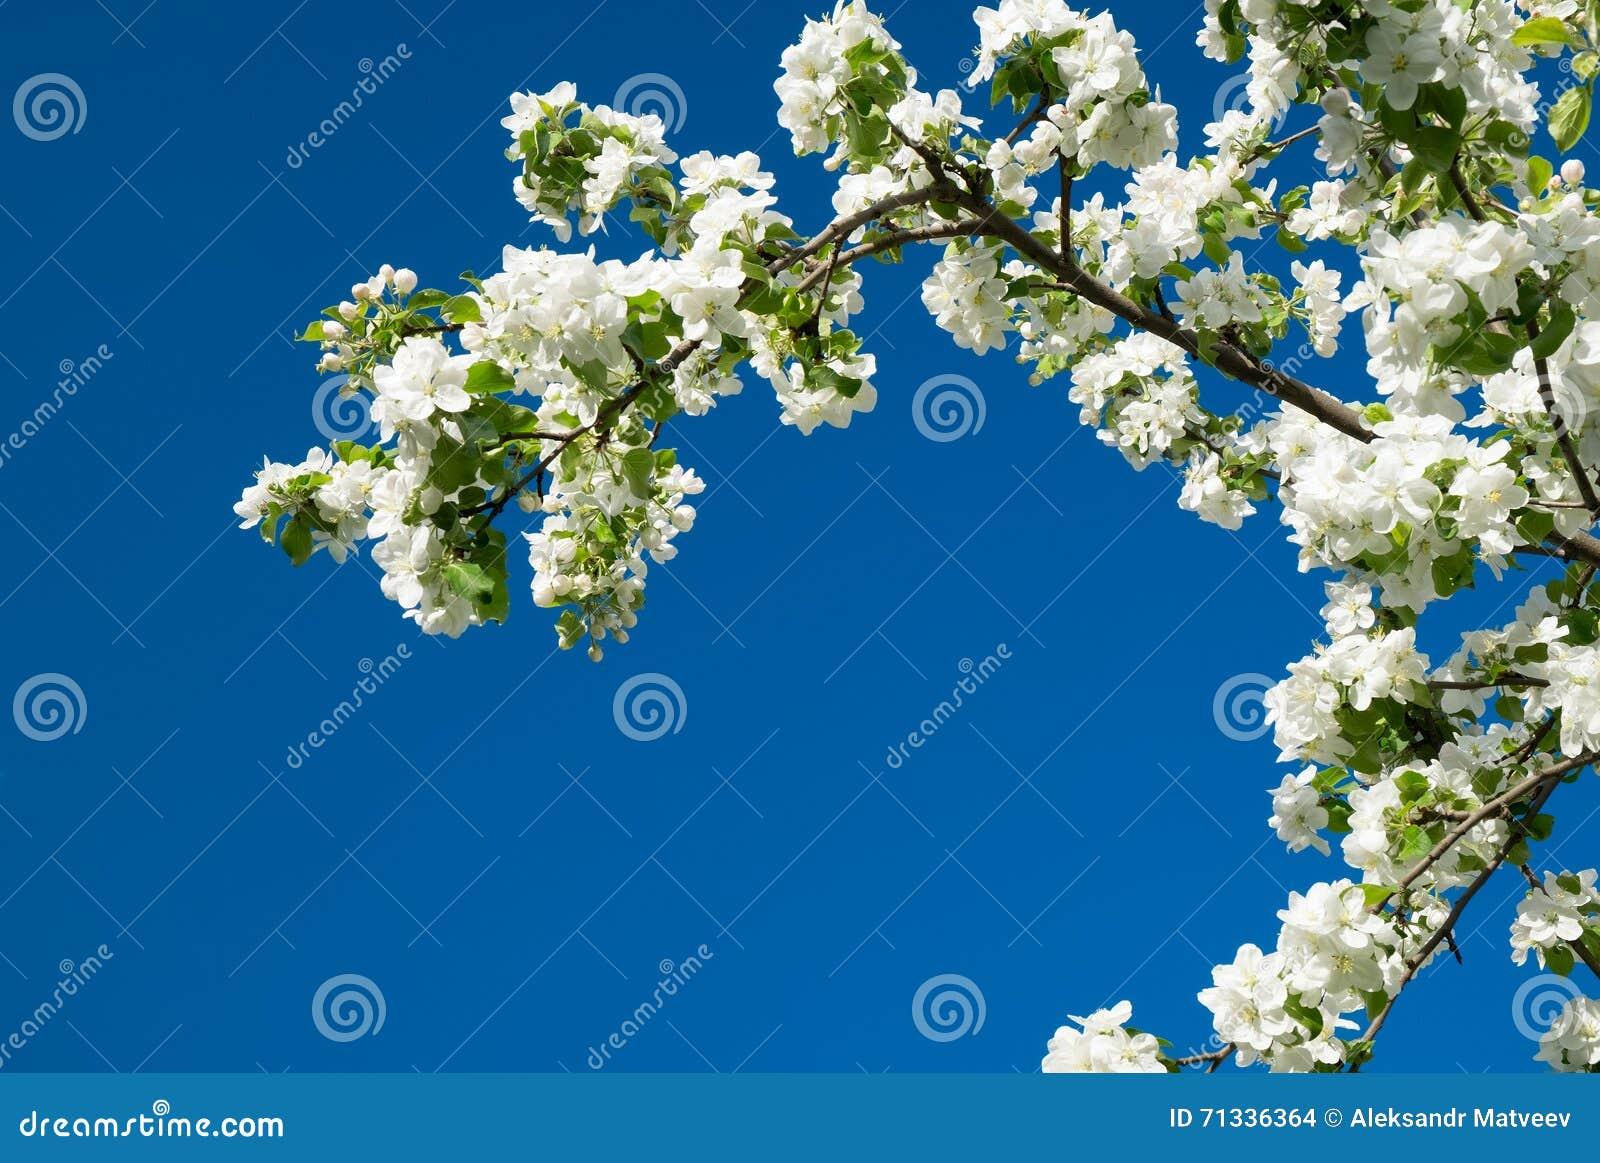 Blossom Tree Over Nature Spring Flowers Blue Sky Horizontal